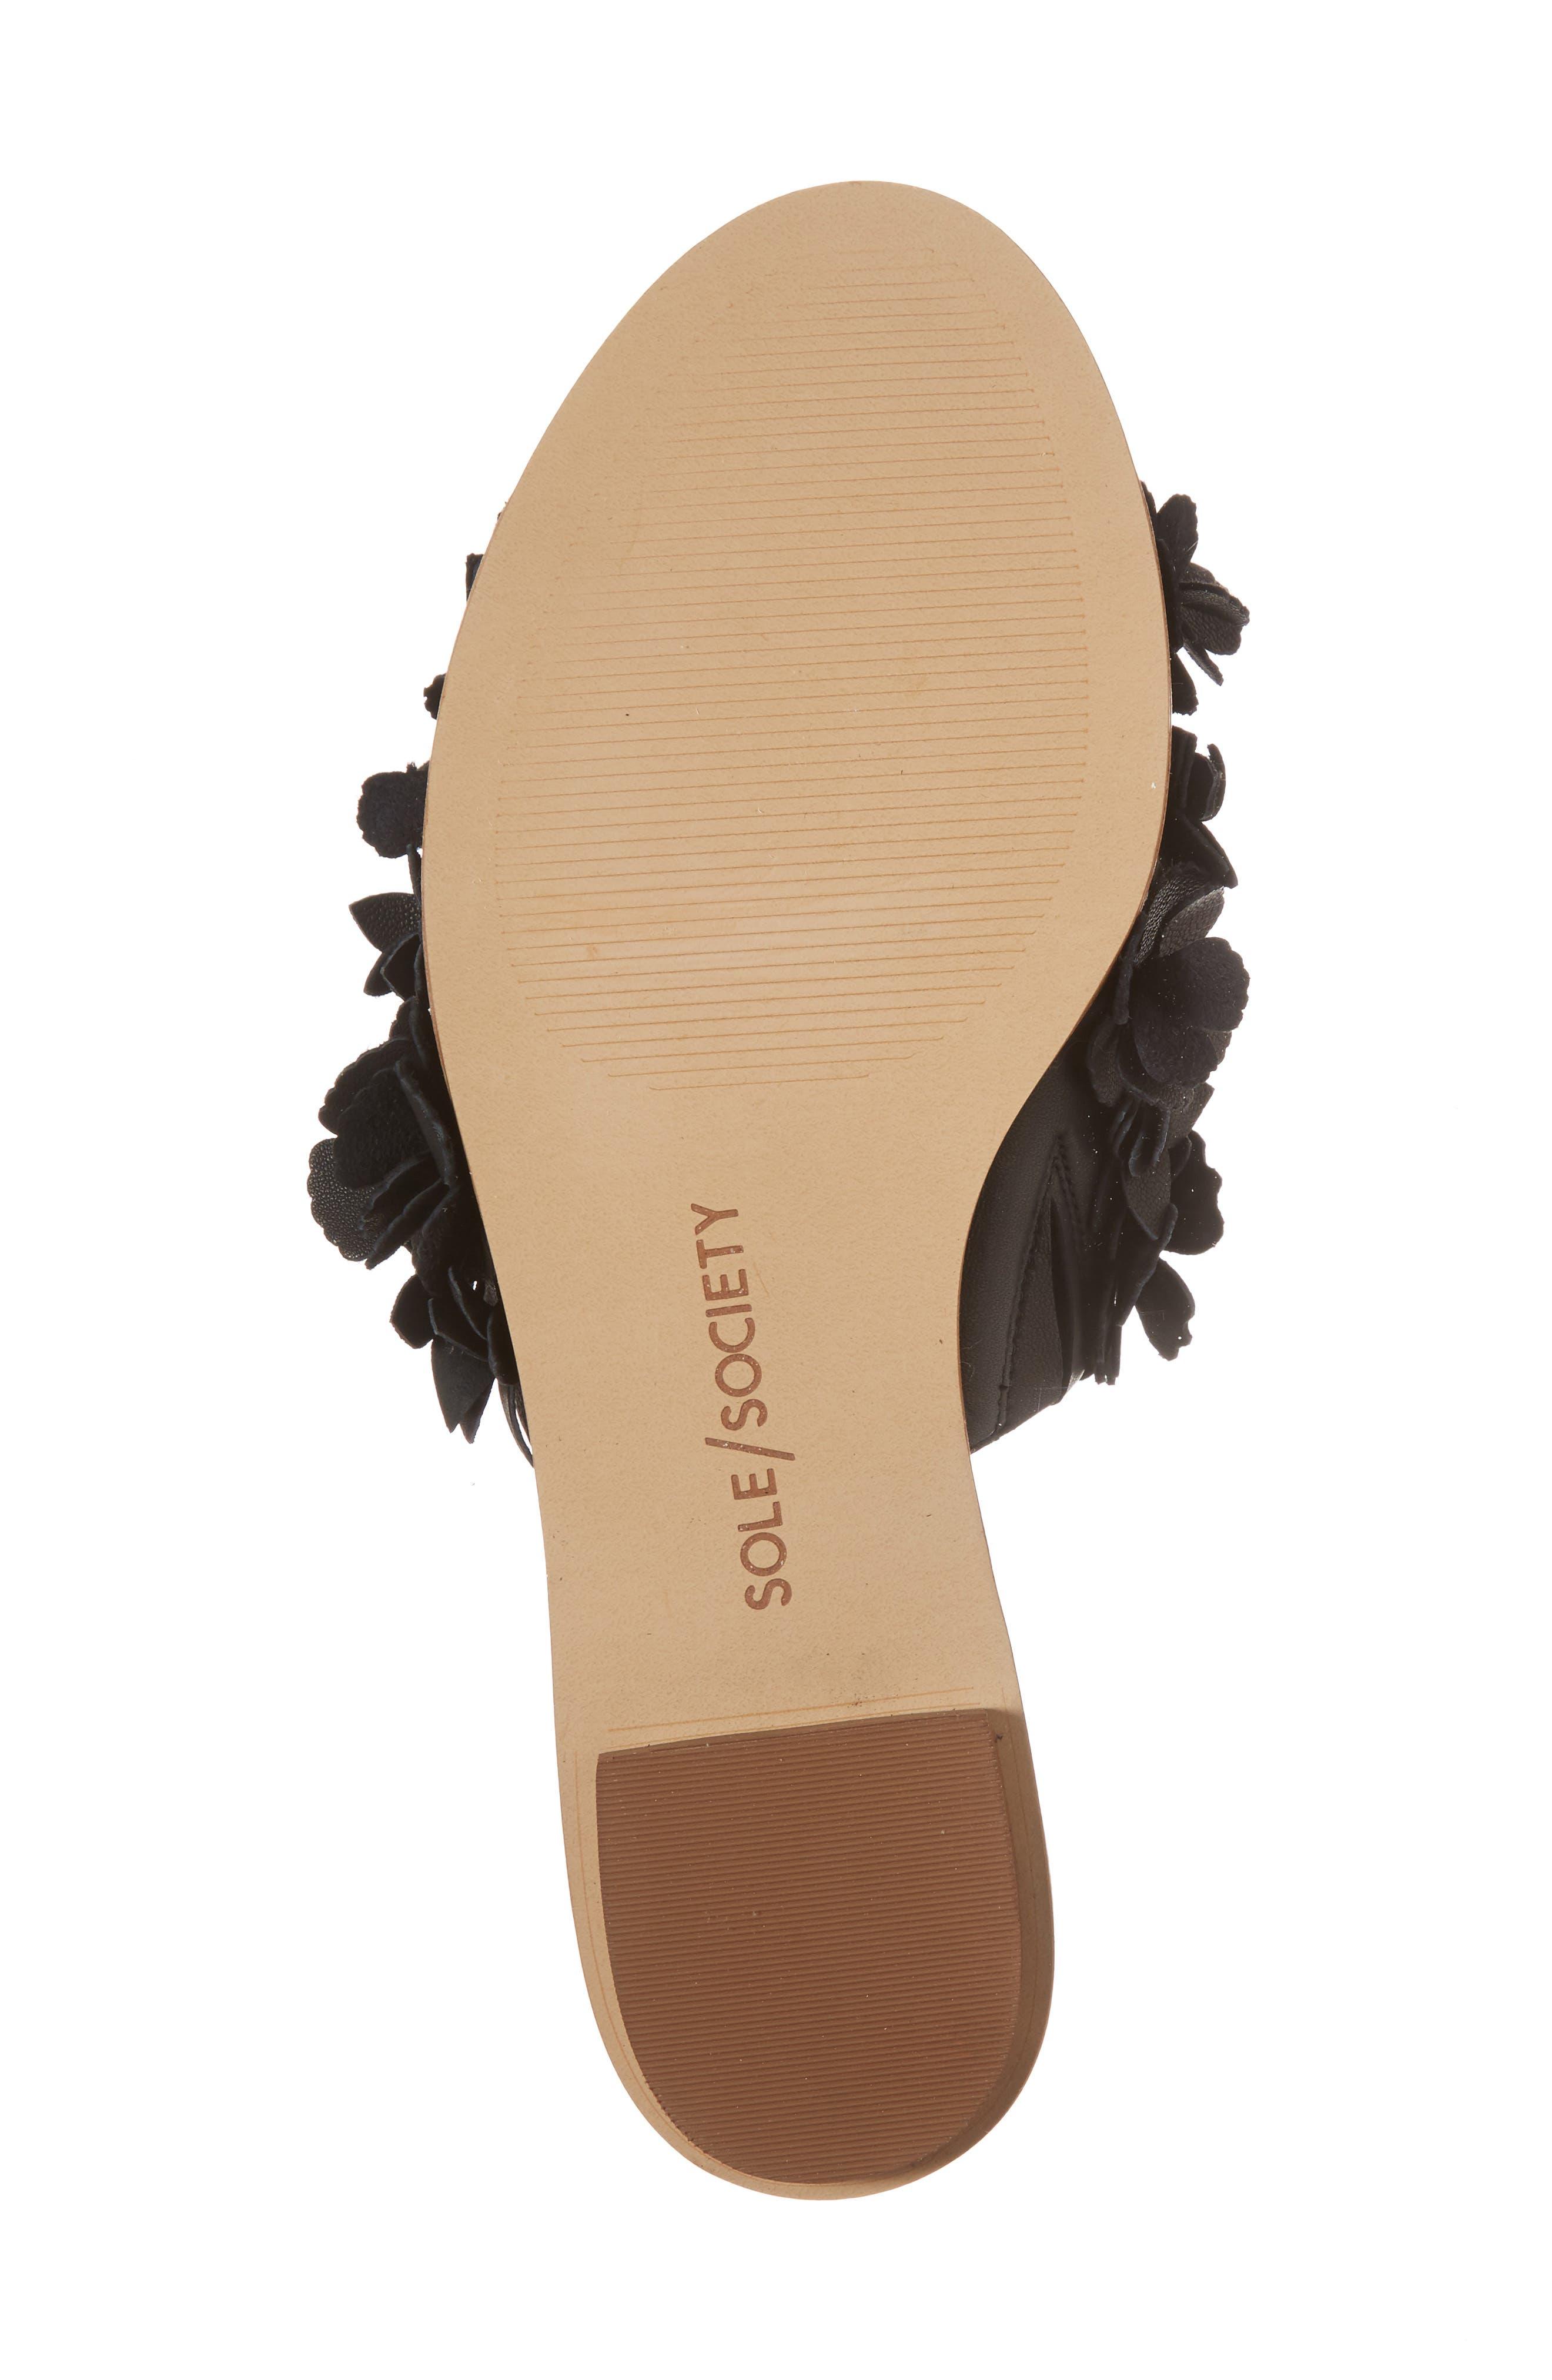 Caelyn Embellished Flat Sandal,                             Alternate thumbnail 6, color,                             BLACK